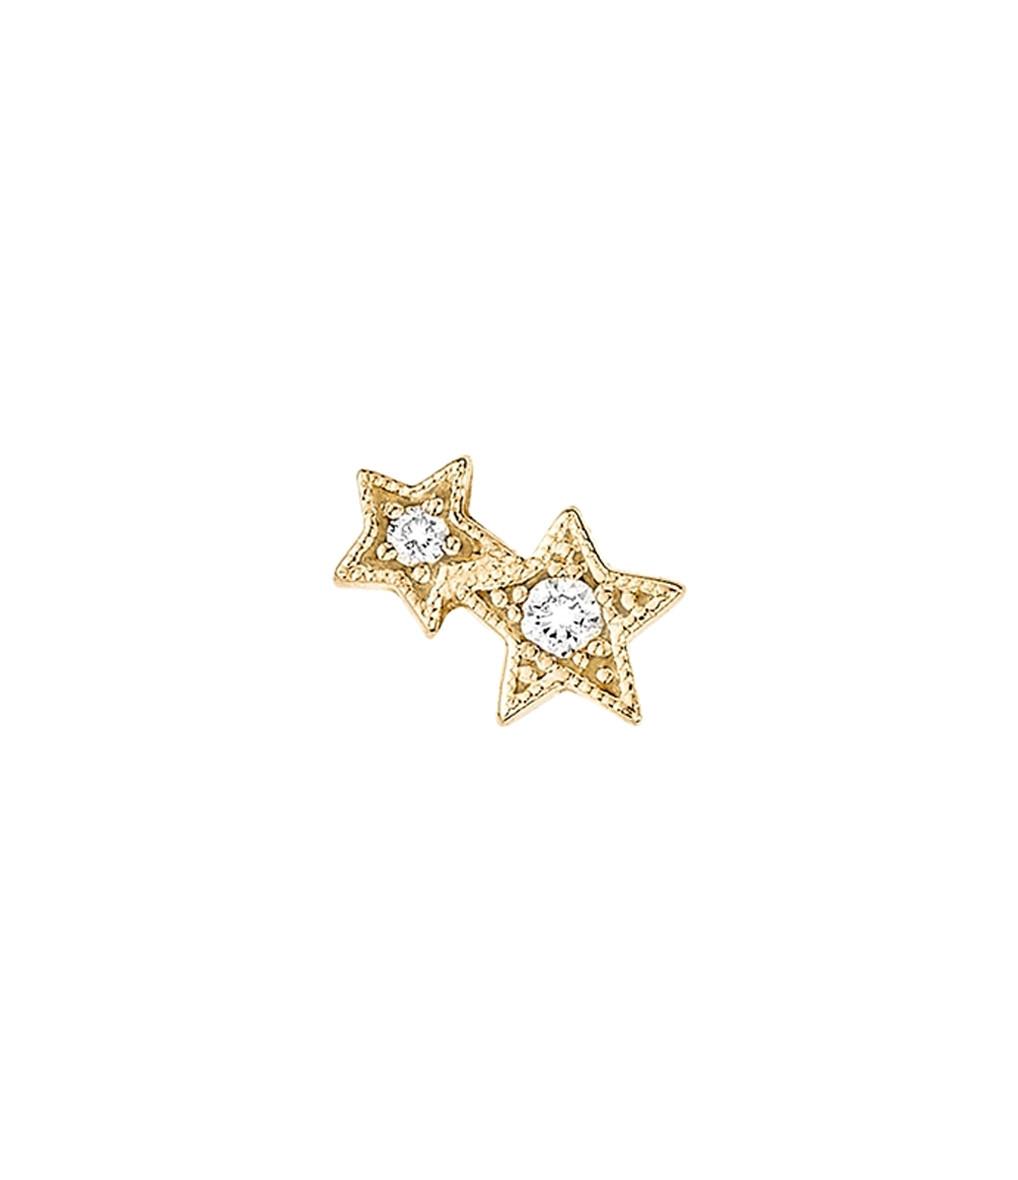 Boucle d'or. Bouton Stardust (unité) - Stone